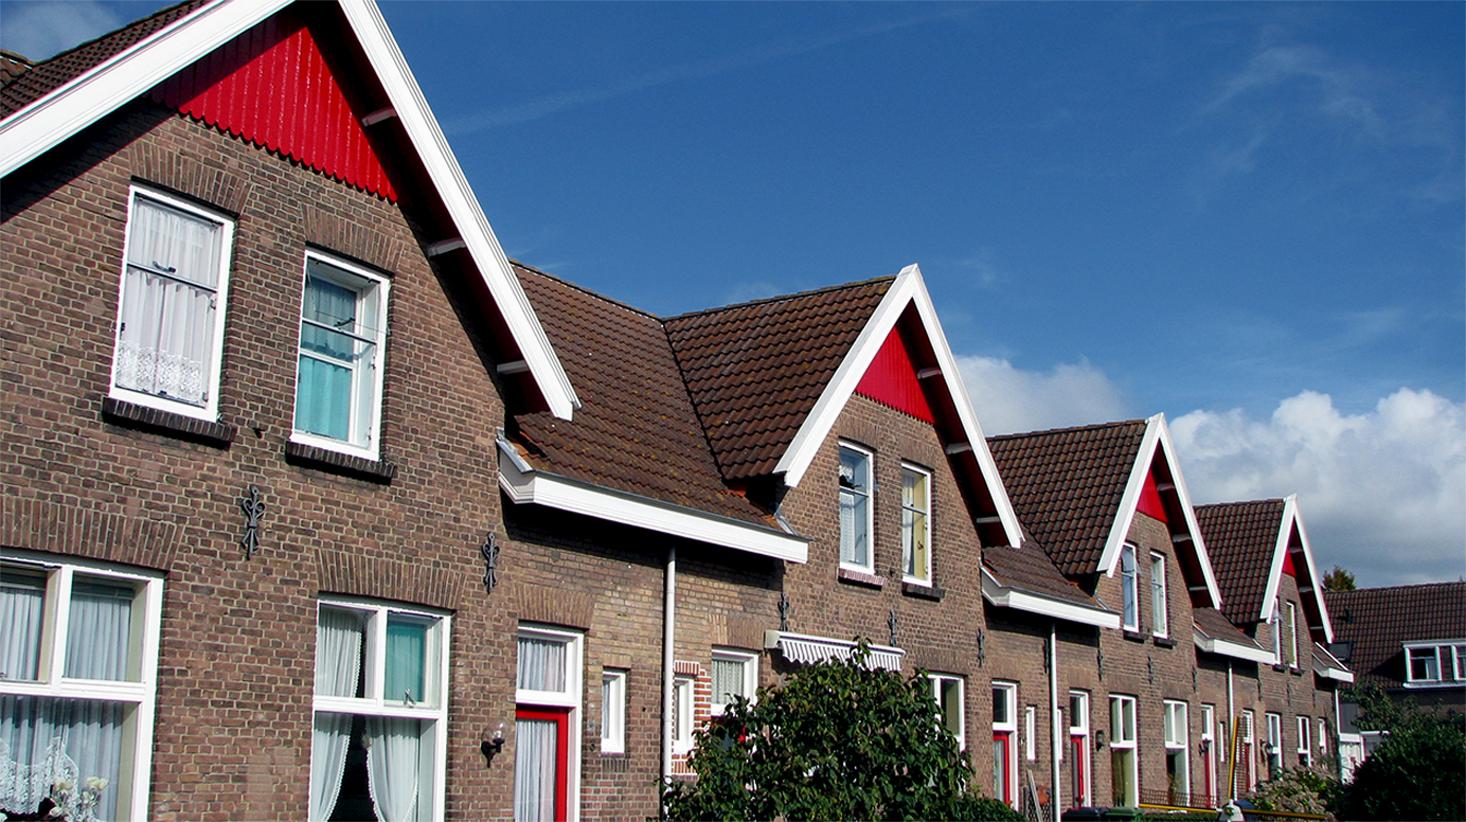 Wilt u uw woning snel verkopen? Hoogste prijs en direct zekerheid!